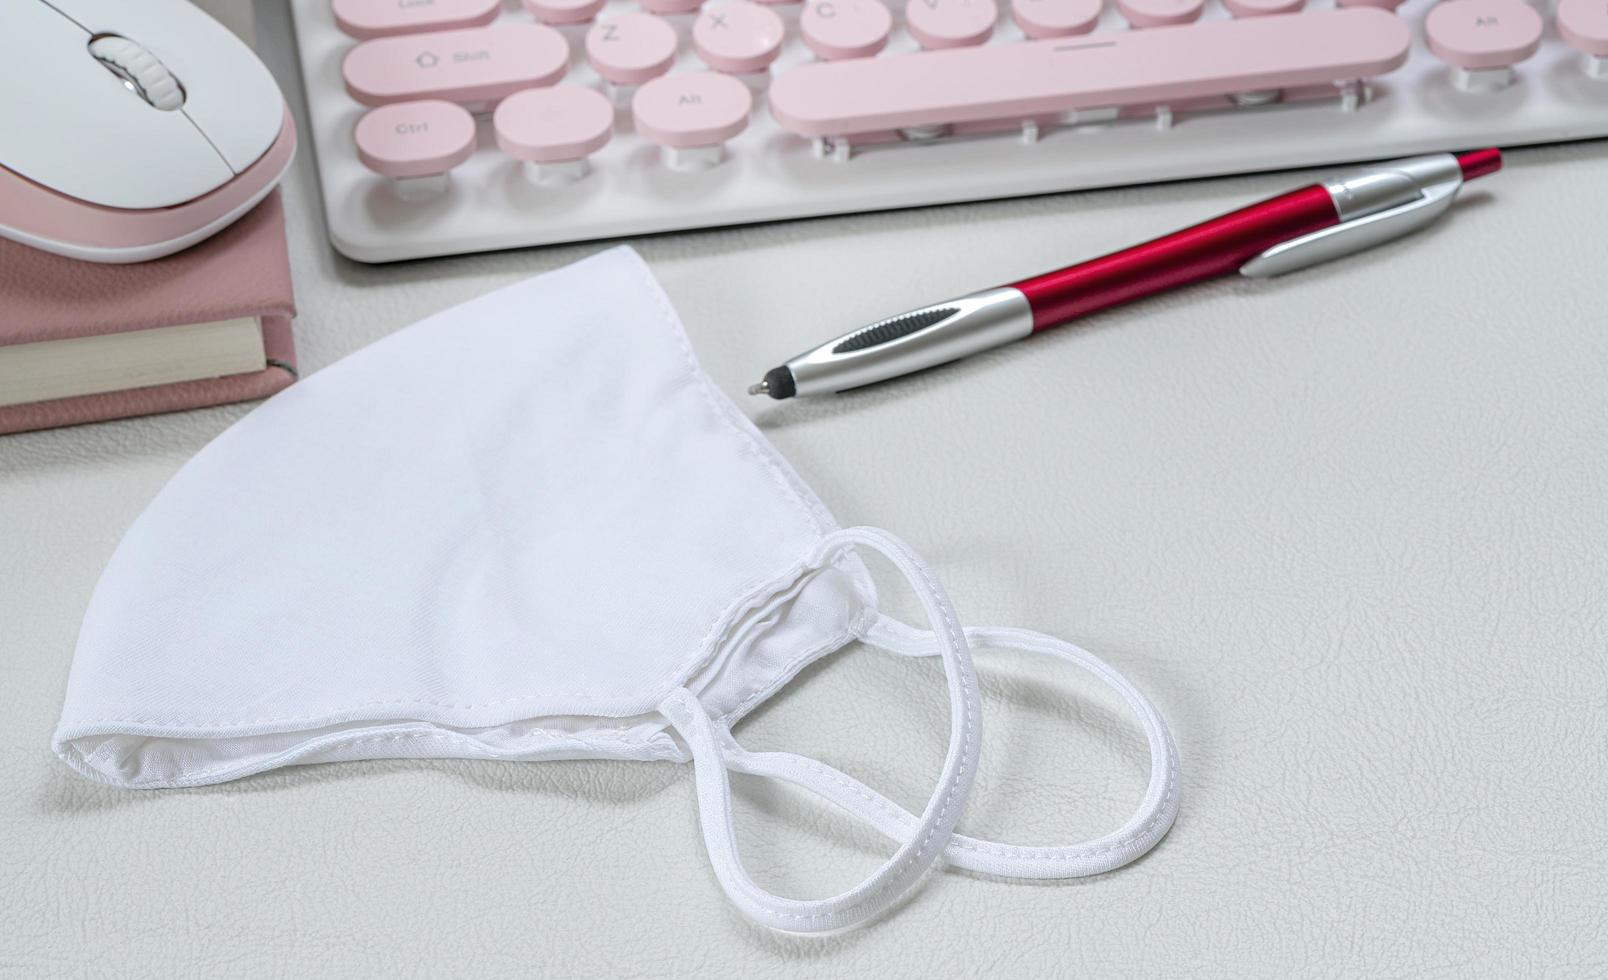 mascarilla en un escritorio con un teclado y un bolígrafo foto